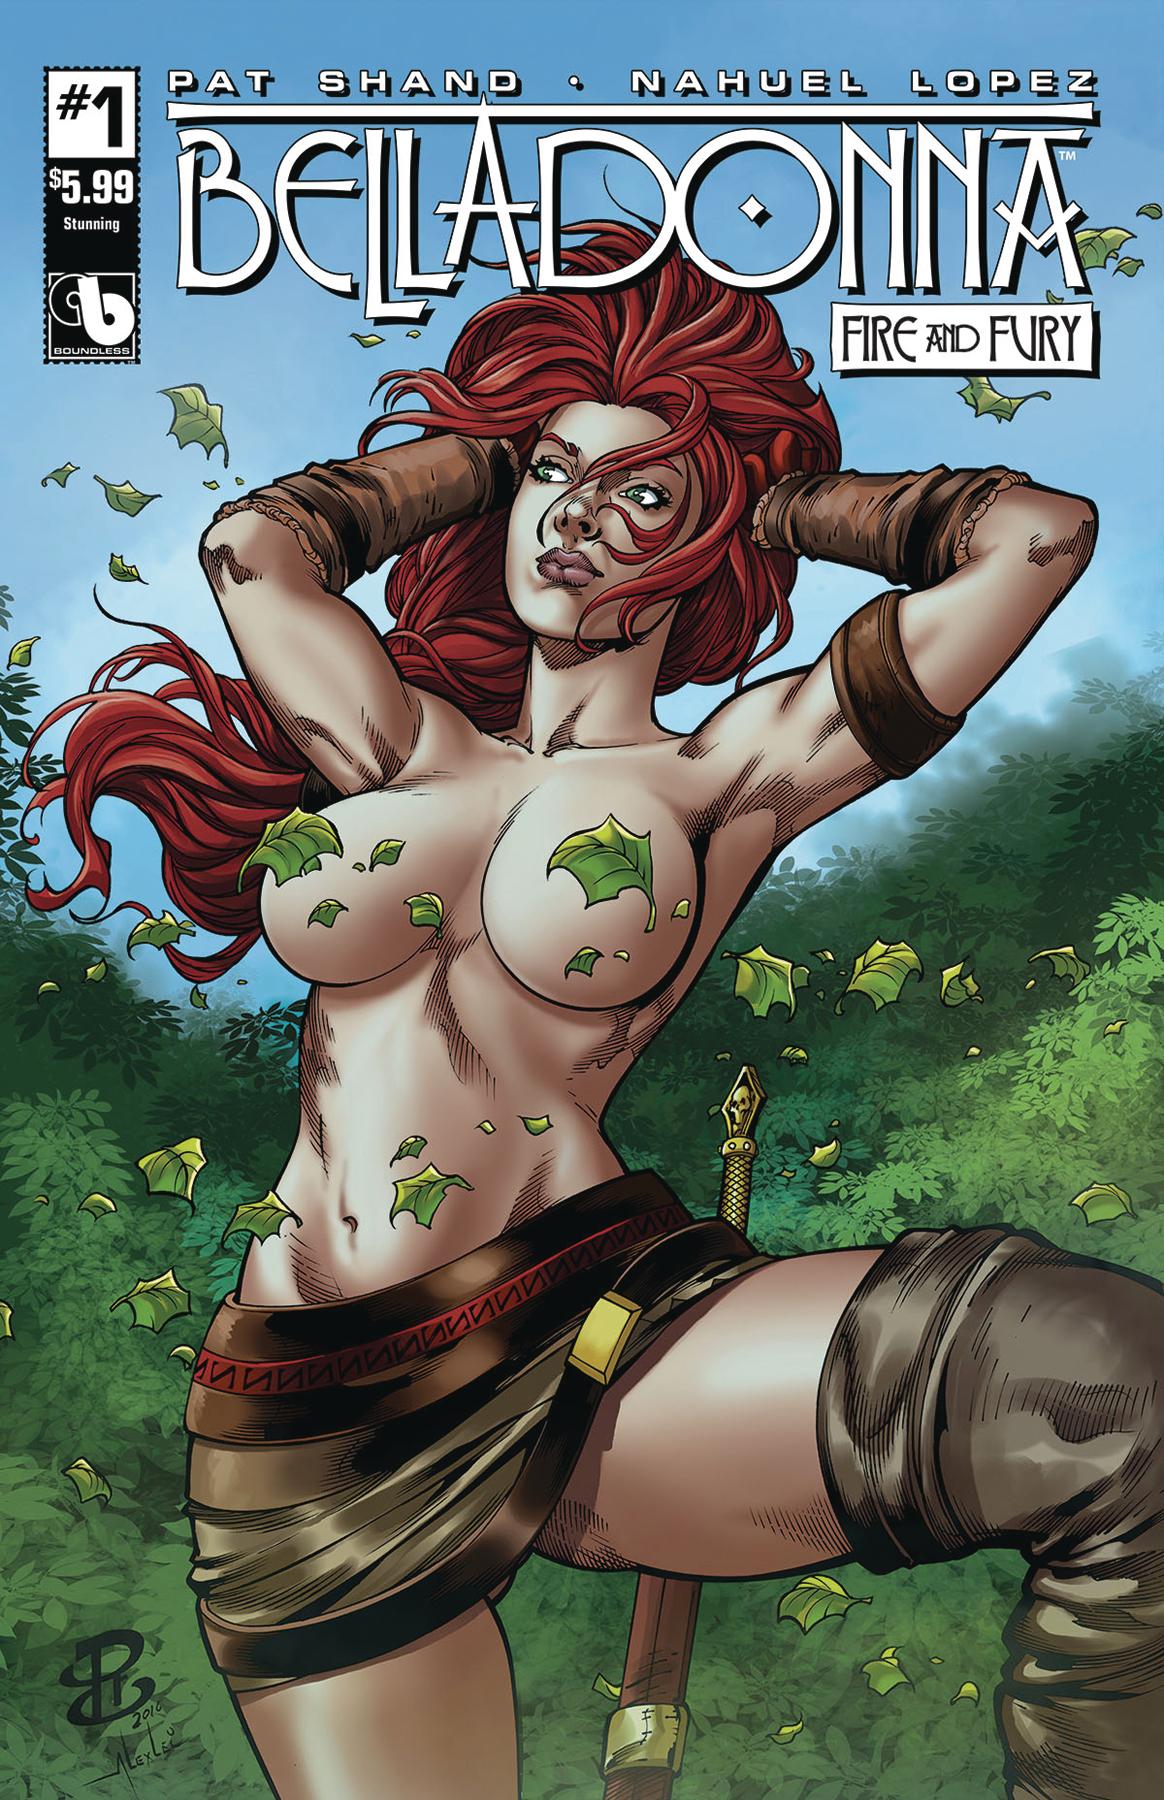 Are belladonna comic wallpaper nude has